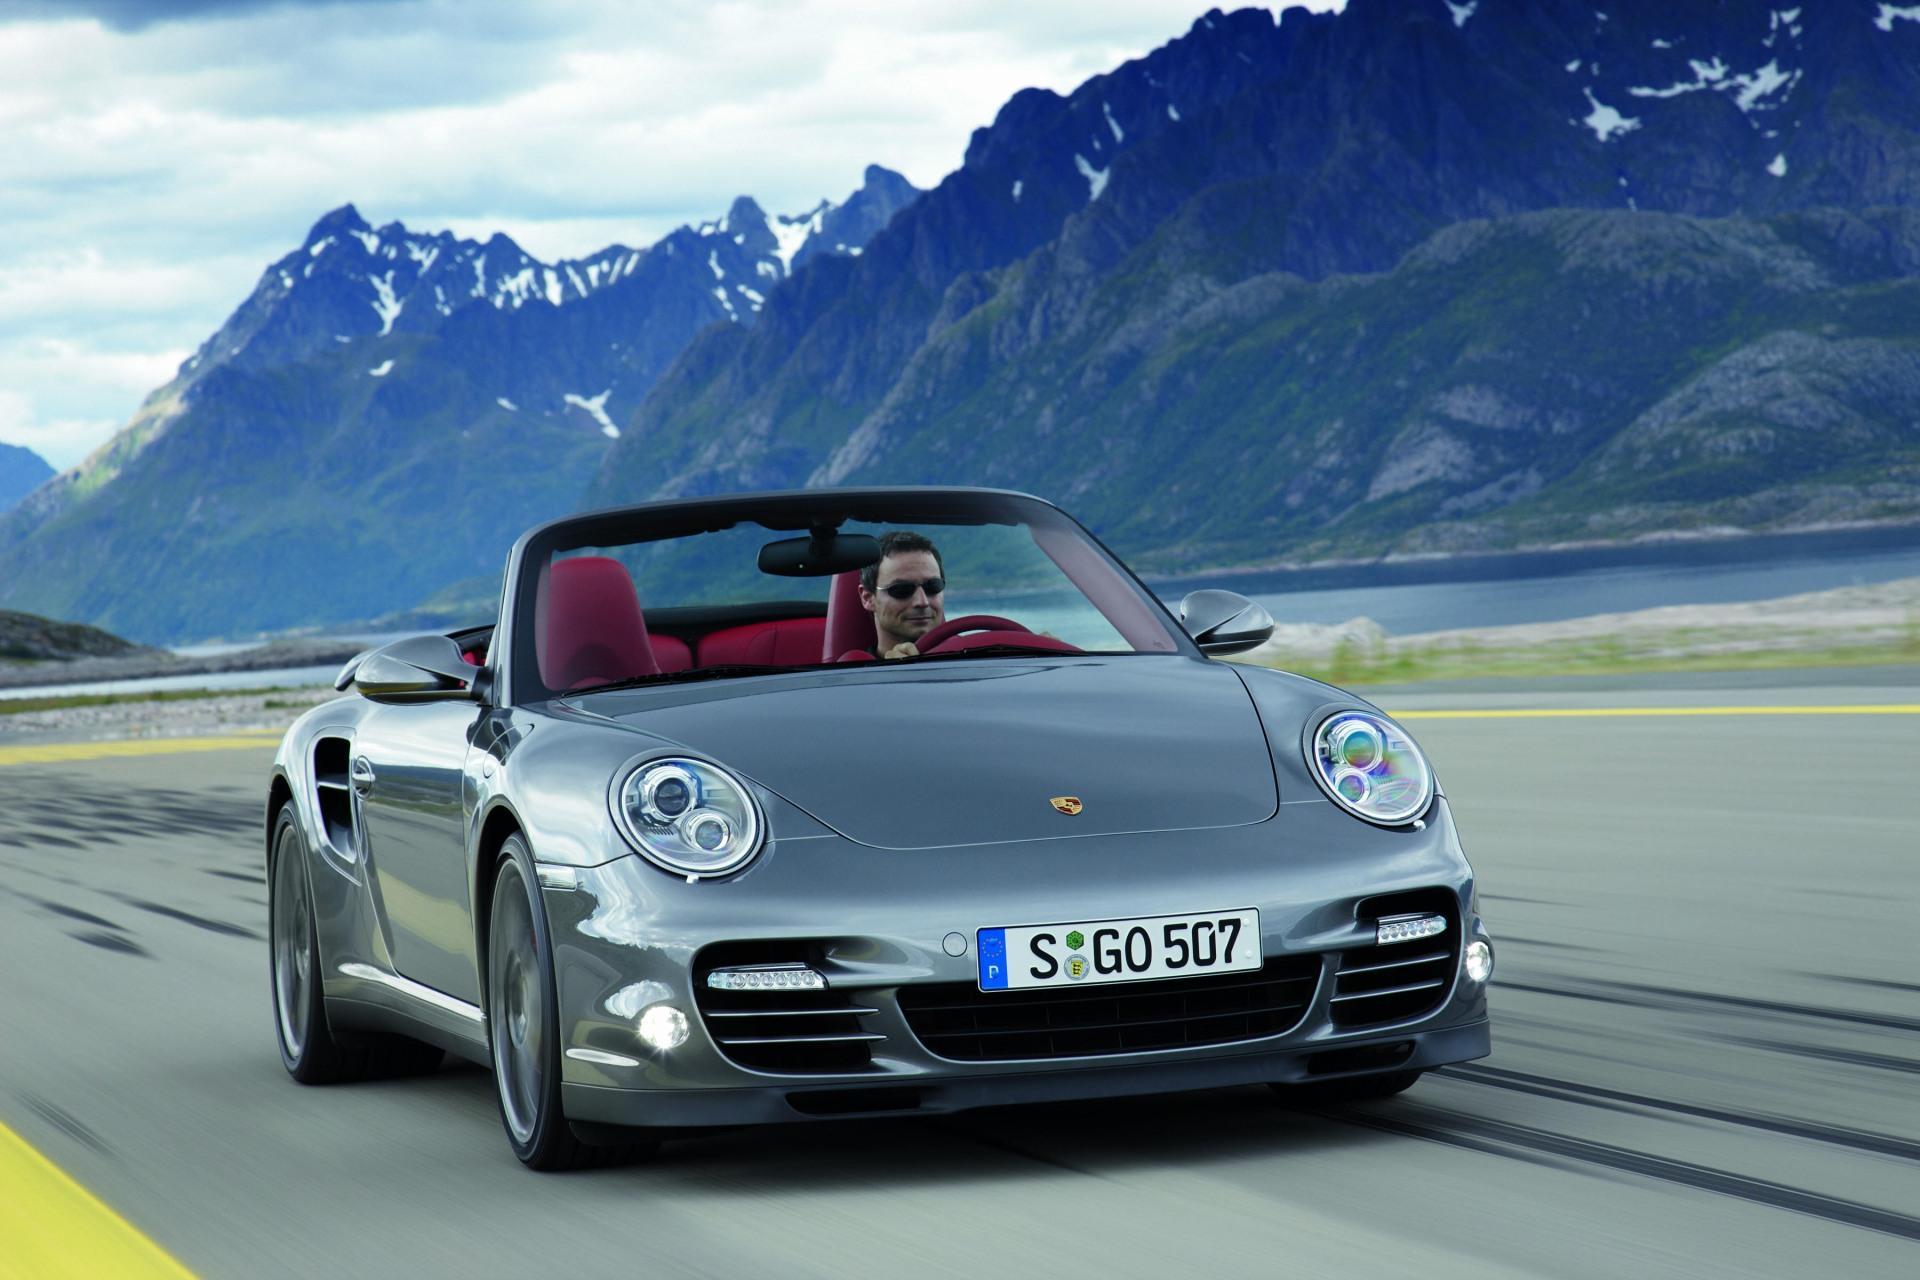 Dynamic Auto Sales >> 2010 Porsche 911 Turbo - conceptcarz.com